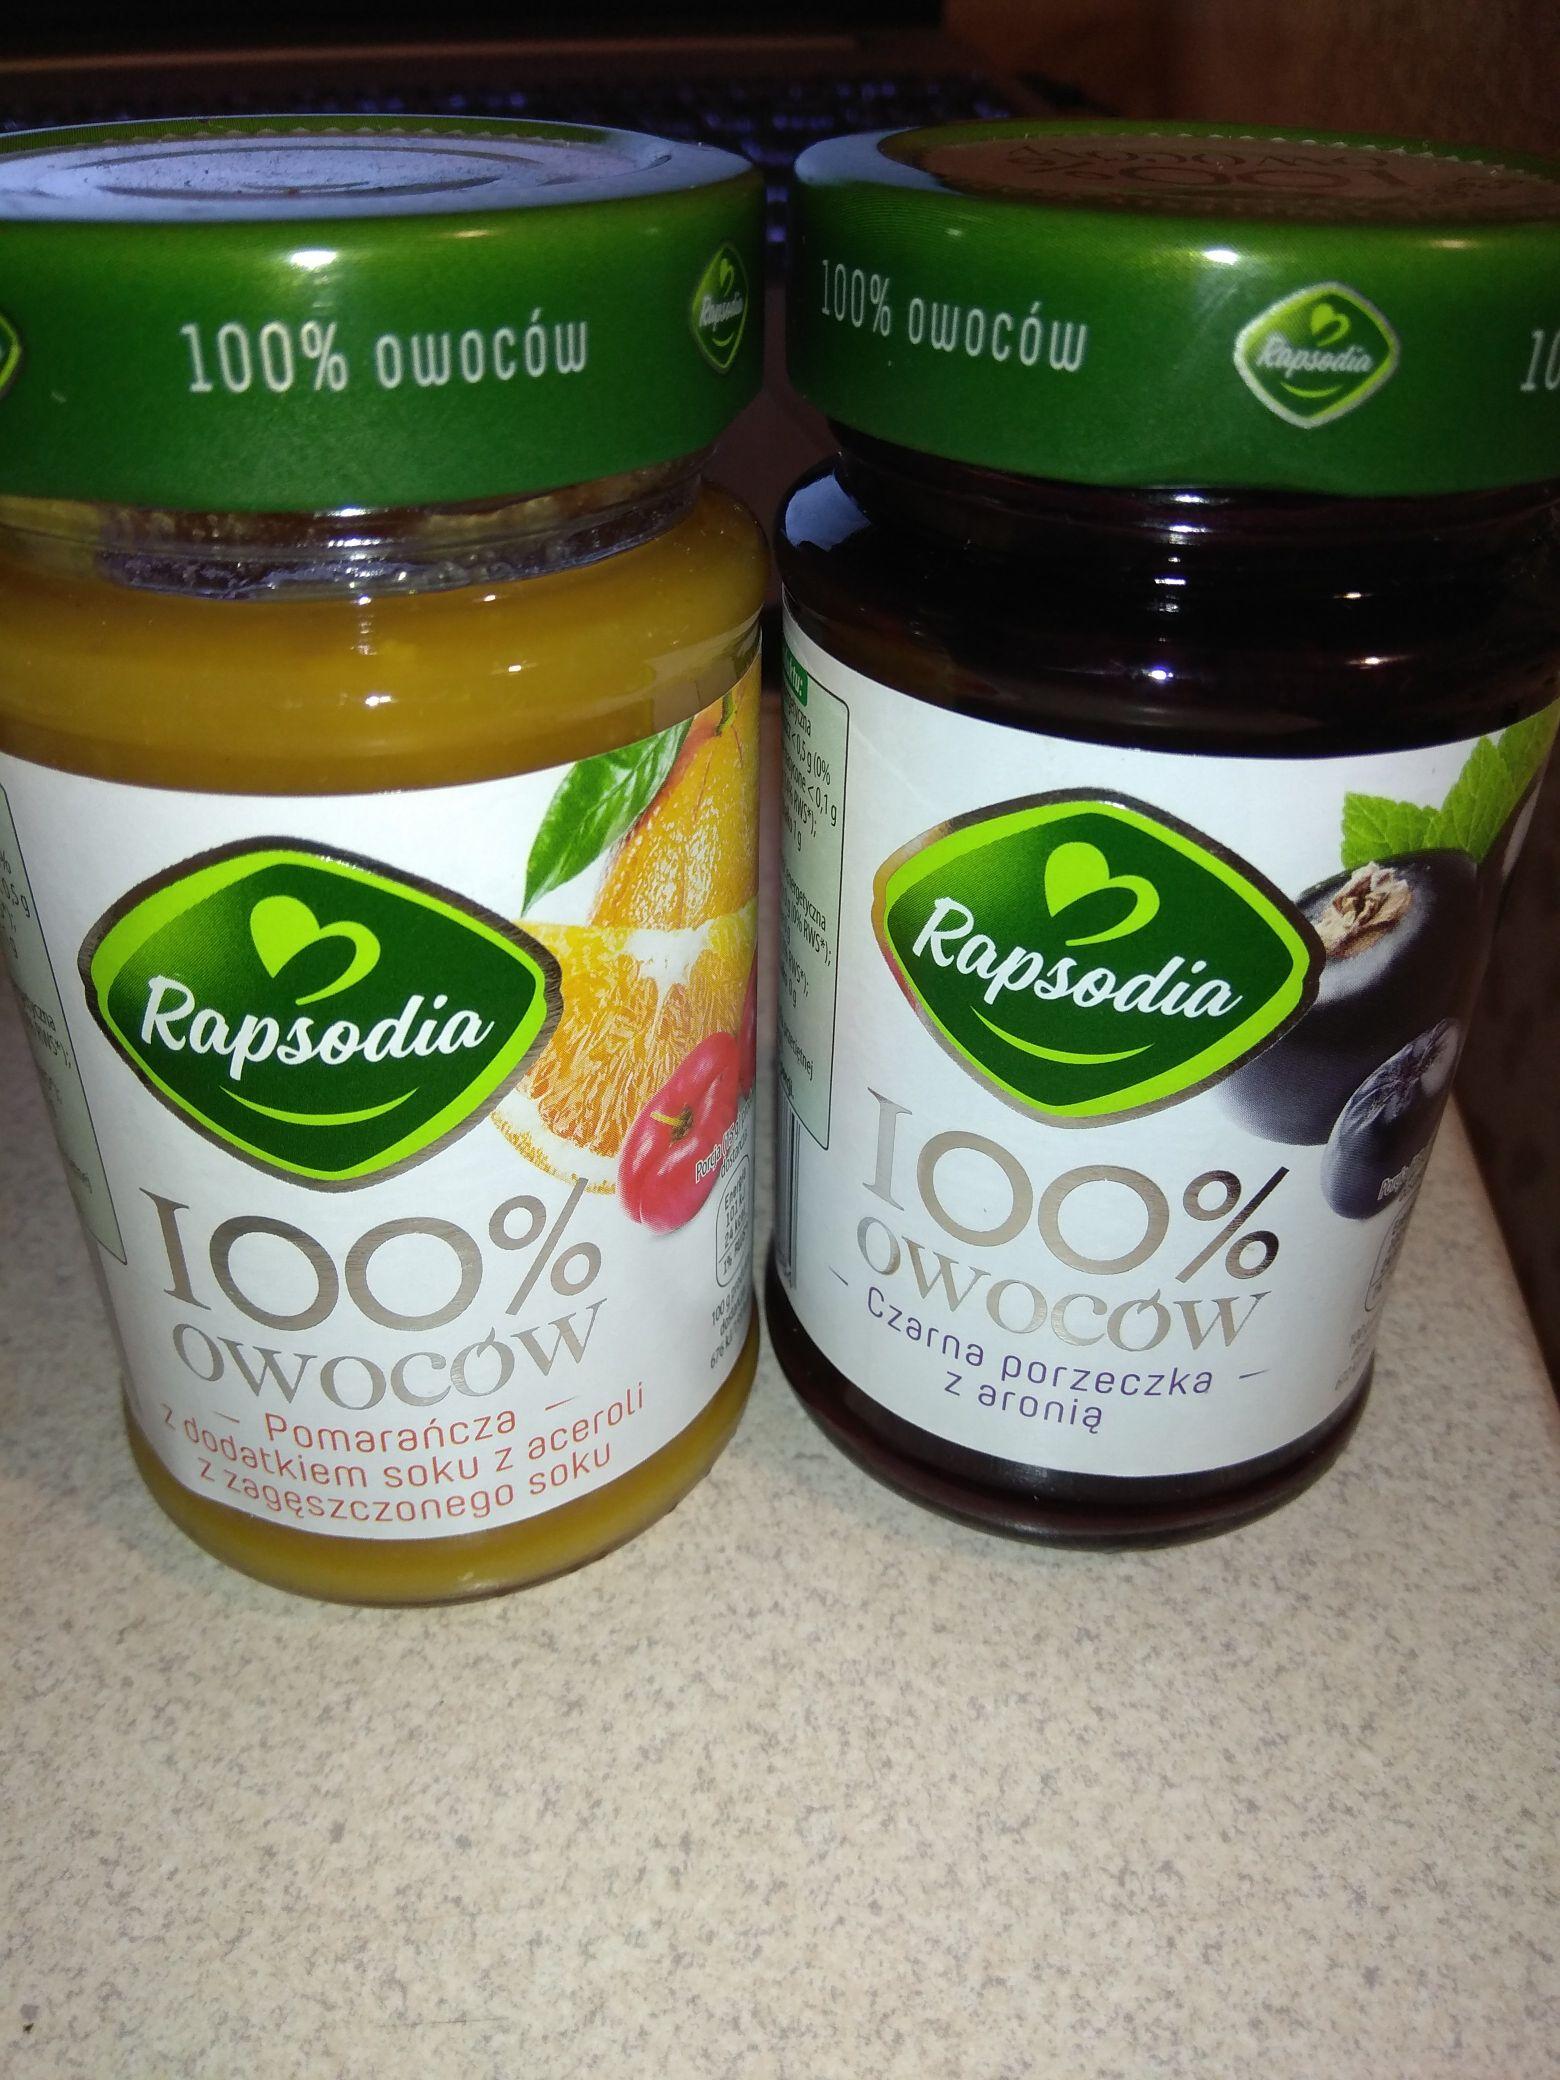 Dżem Rapsodia 100% owoców 220g Biedronka